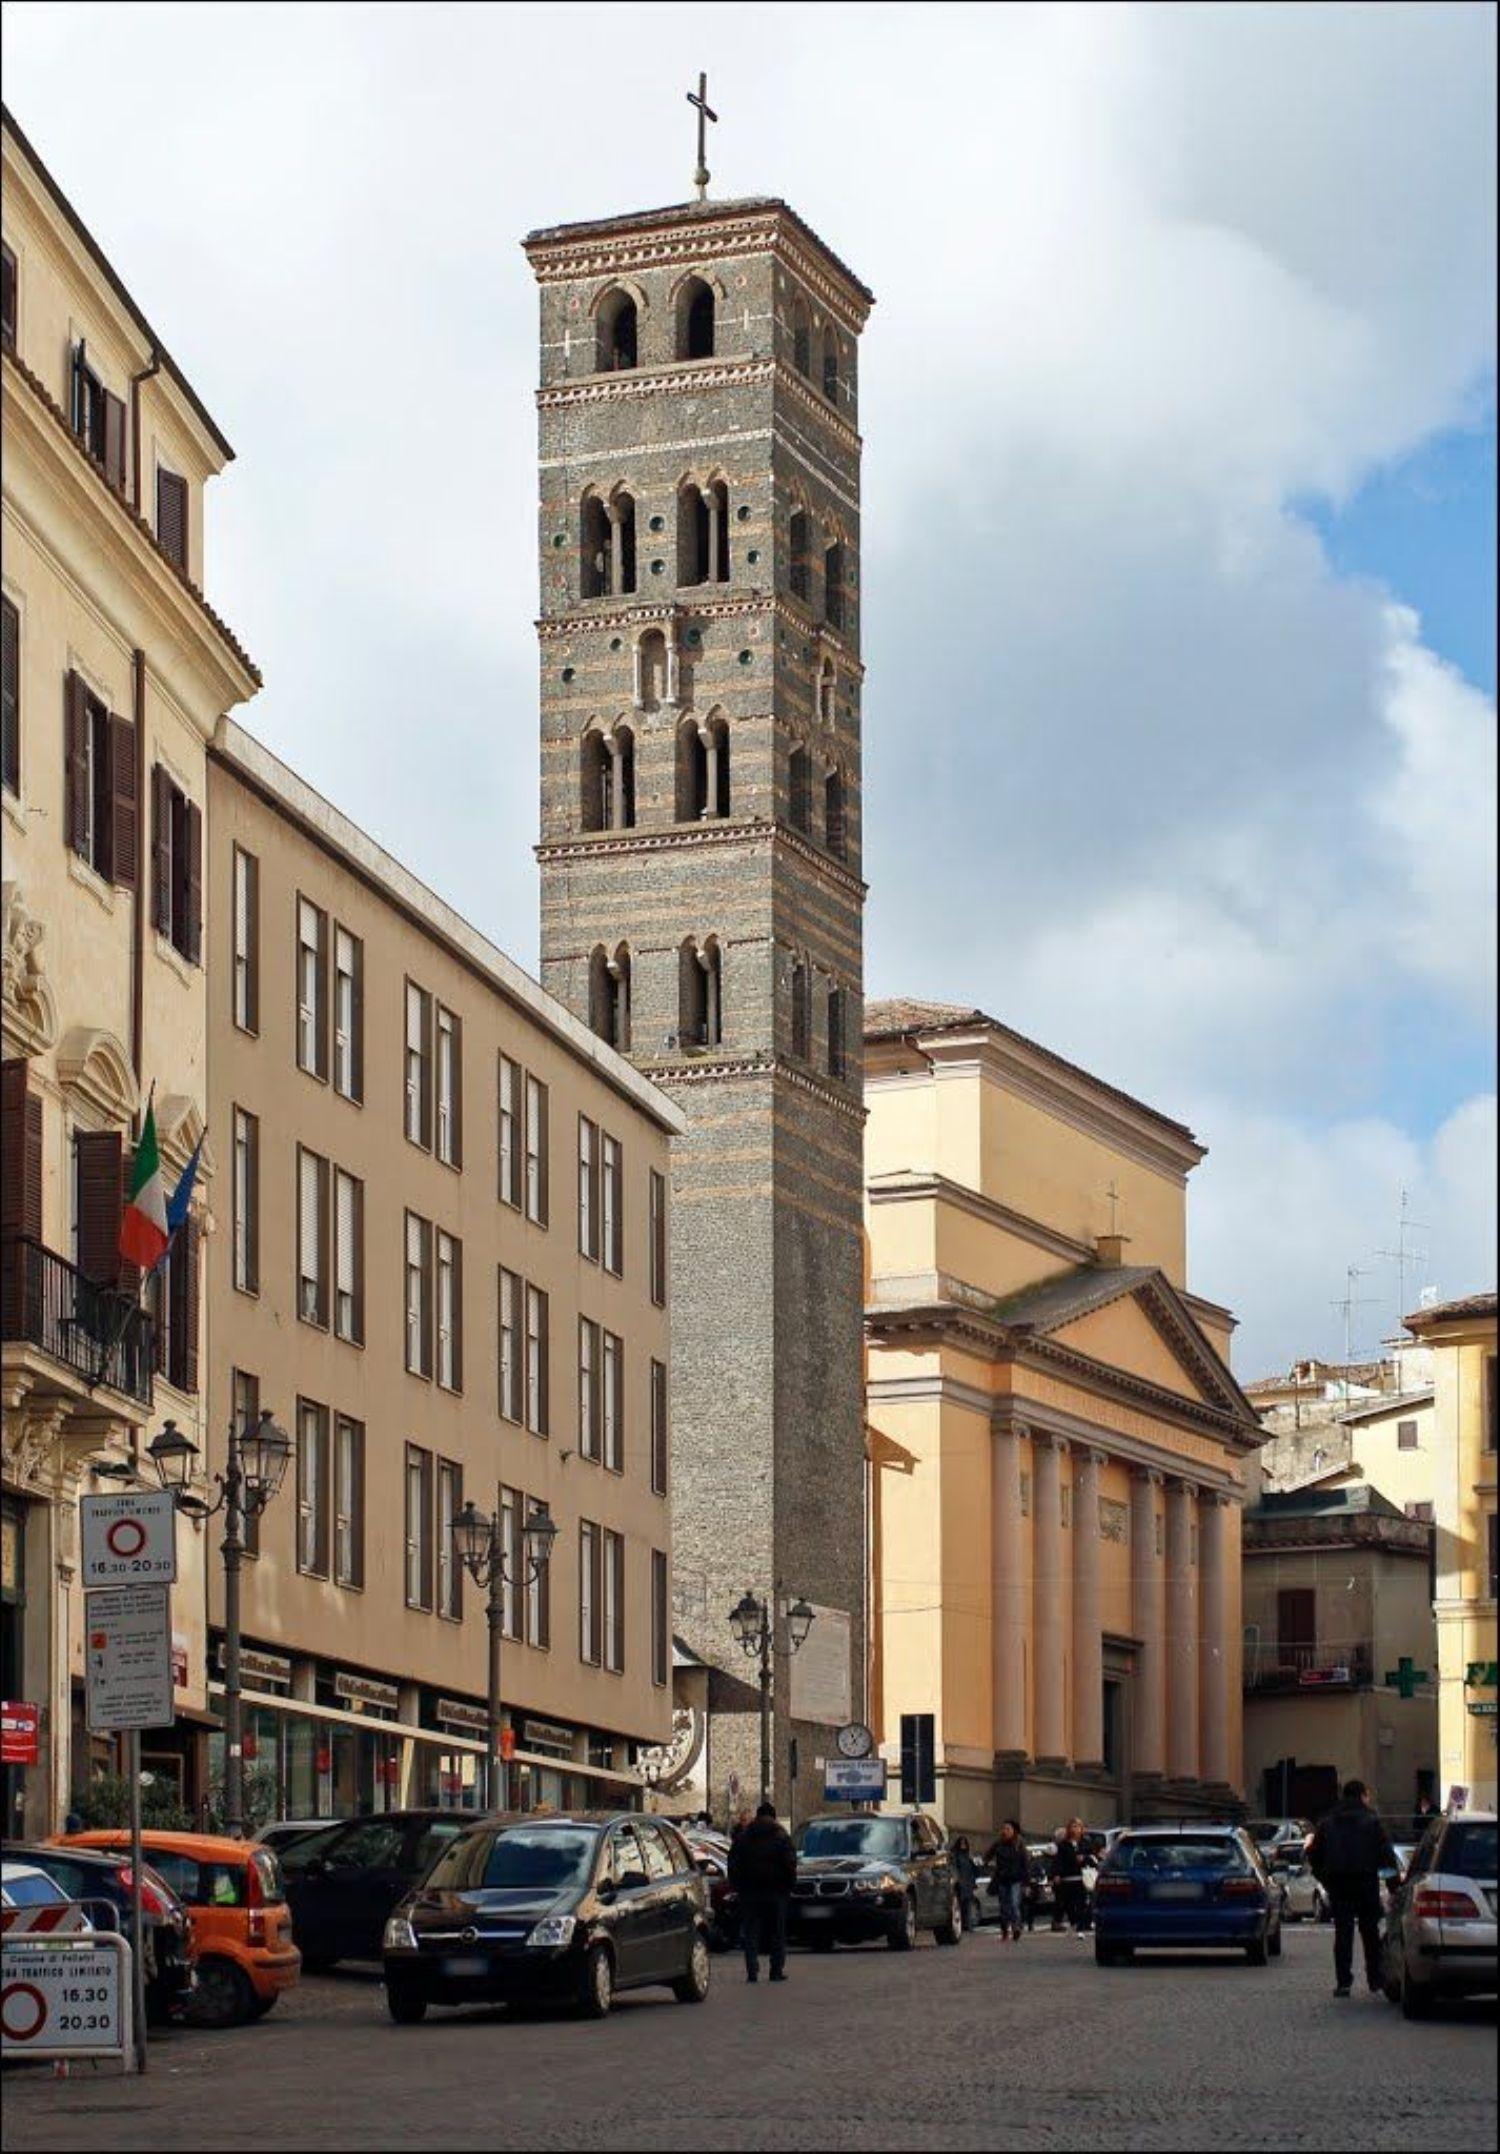 Attico / Mansarda in vendita a Velletri, 6 locali, prezzo € 275.000 | CambioCasa.it